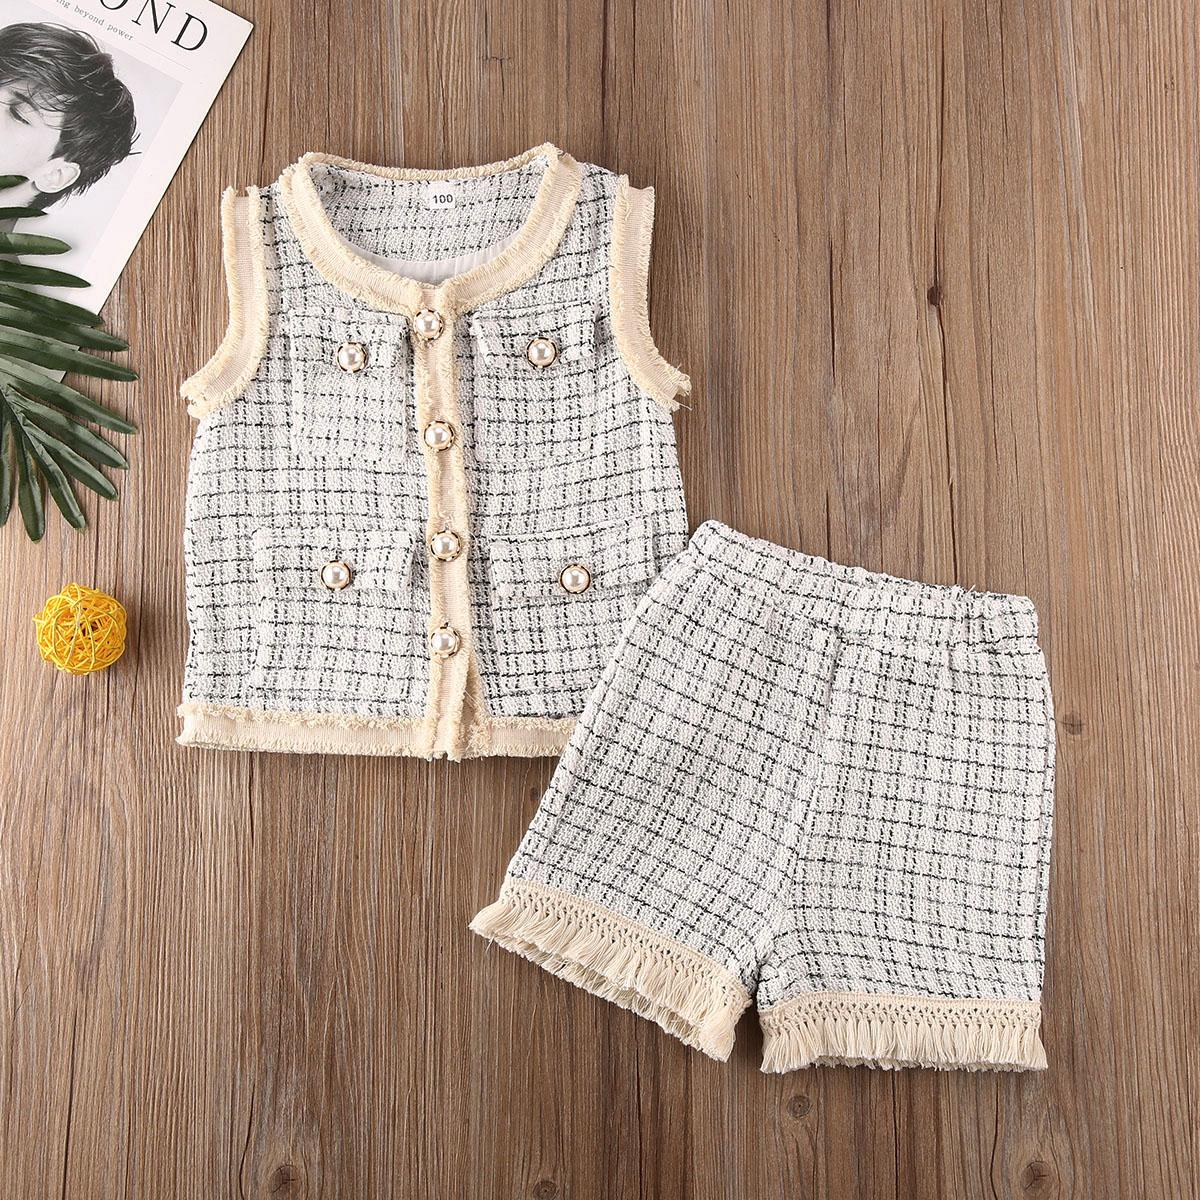 Kleinkind-Baby zwei Stücke Satz sleeveless Westemantel Kurzschlusskindkindmädchenklagesatz Kleidung